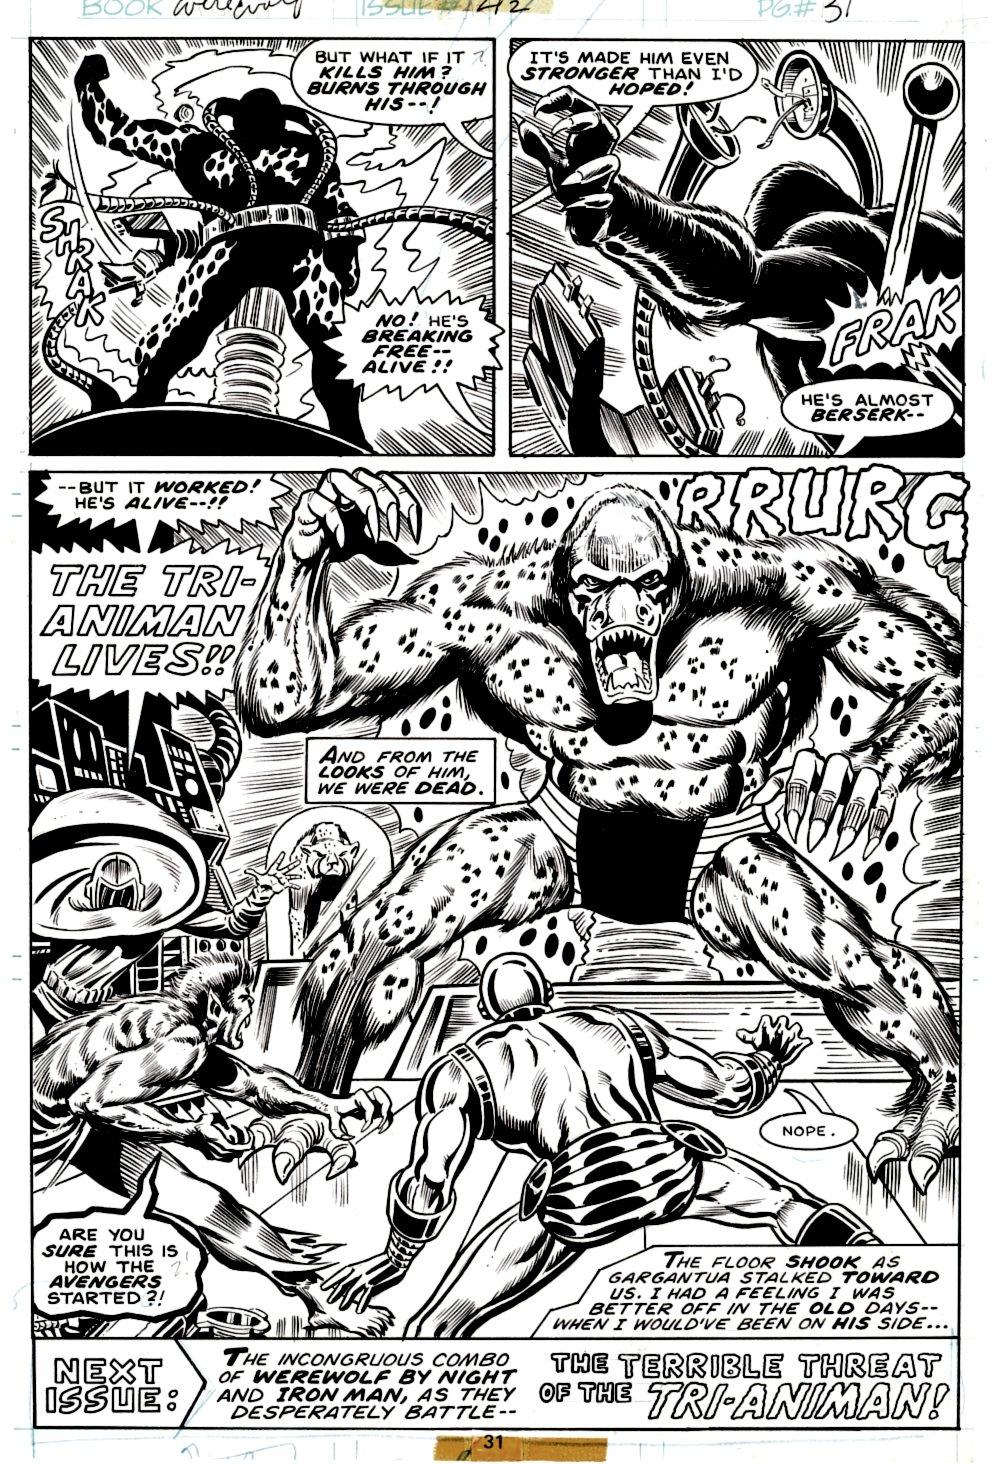 Werewolf by Night #42 Last Page SPLASH (IRON MAN, WEREWOLF BY NIGHT, MASKED MARAUDER, TRI-ANIMAN!) 1976